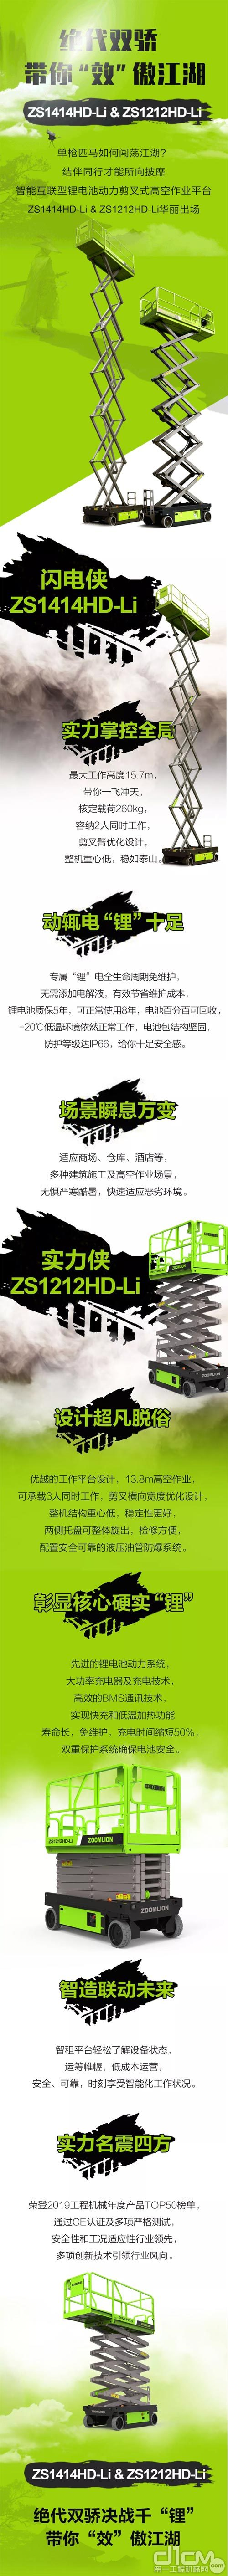 中联重科ZS1414HD-Li & ZS1212HD-Li产品介绍